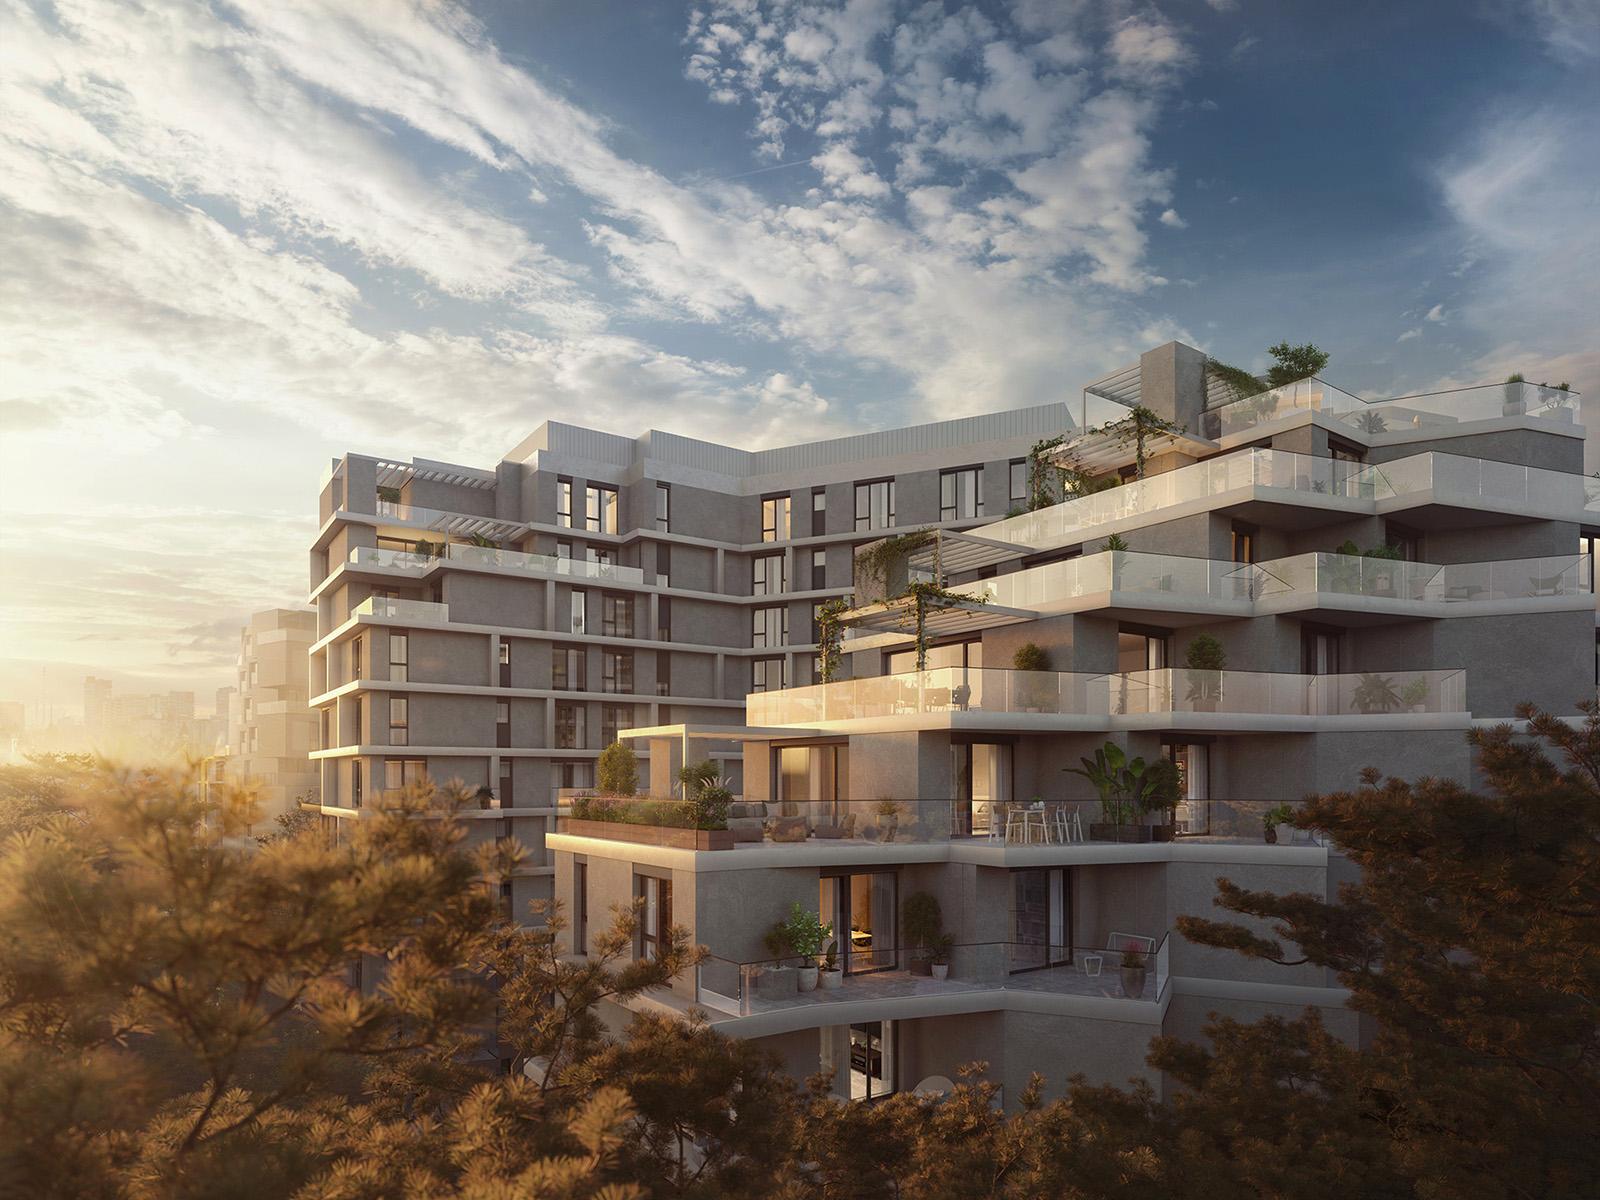 Vizualizace bytových domů s balkóny Hagibor v Praze